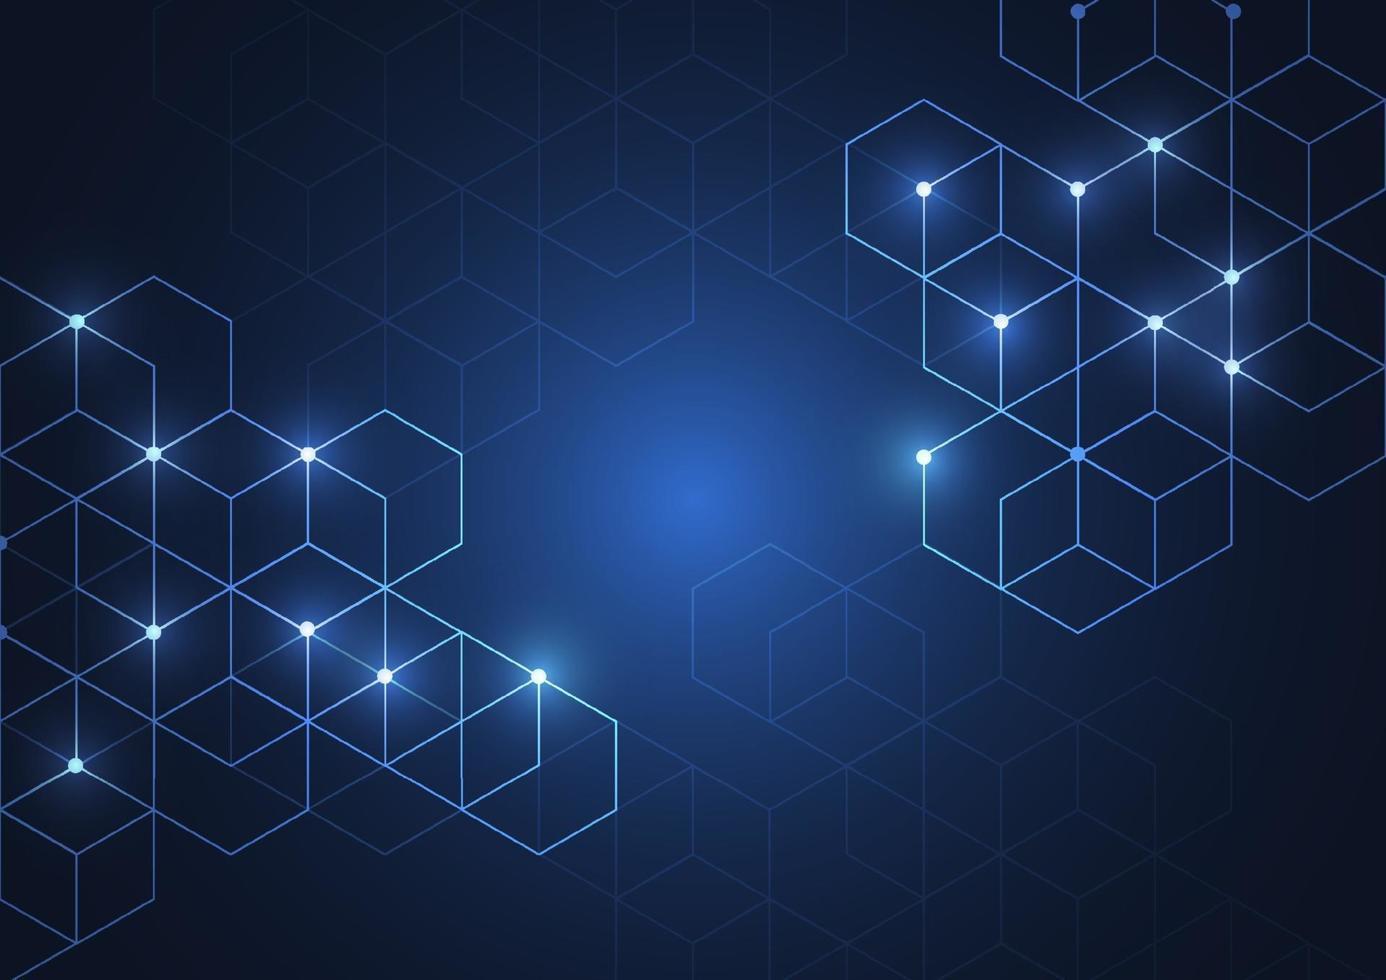 fond de boîtes abstraites. technologie moderne avec maille carrée. géométrique sur fond blanc avec des lignes. cellule de cube. illustration vectorielle vecteur